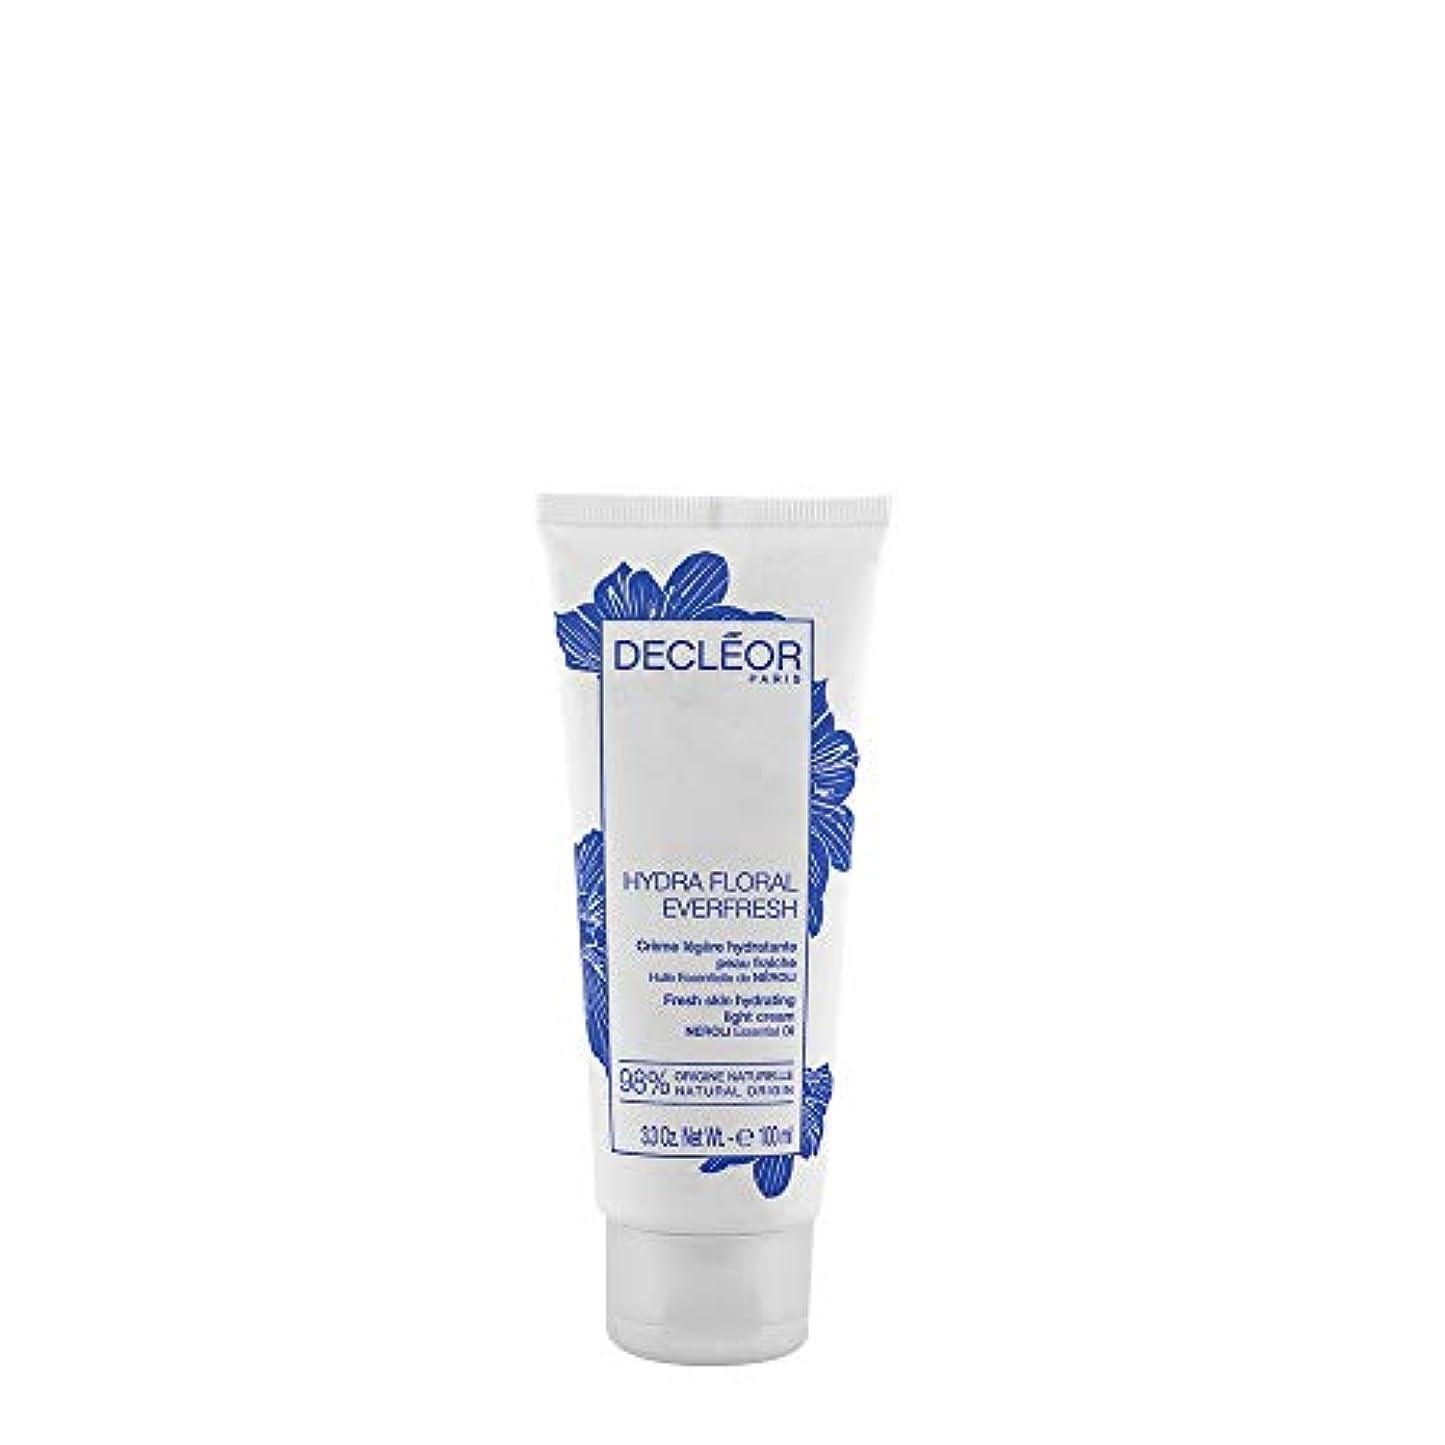 膨張する気晴らしパパデクレオール Hydra Floral Everfresh Fresh Skin Hydrating Light Cream - For Dehydrated Skin (Limited Edition) 100ml/3.3oz...